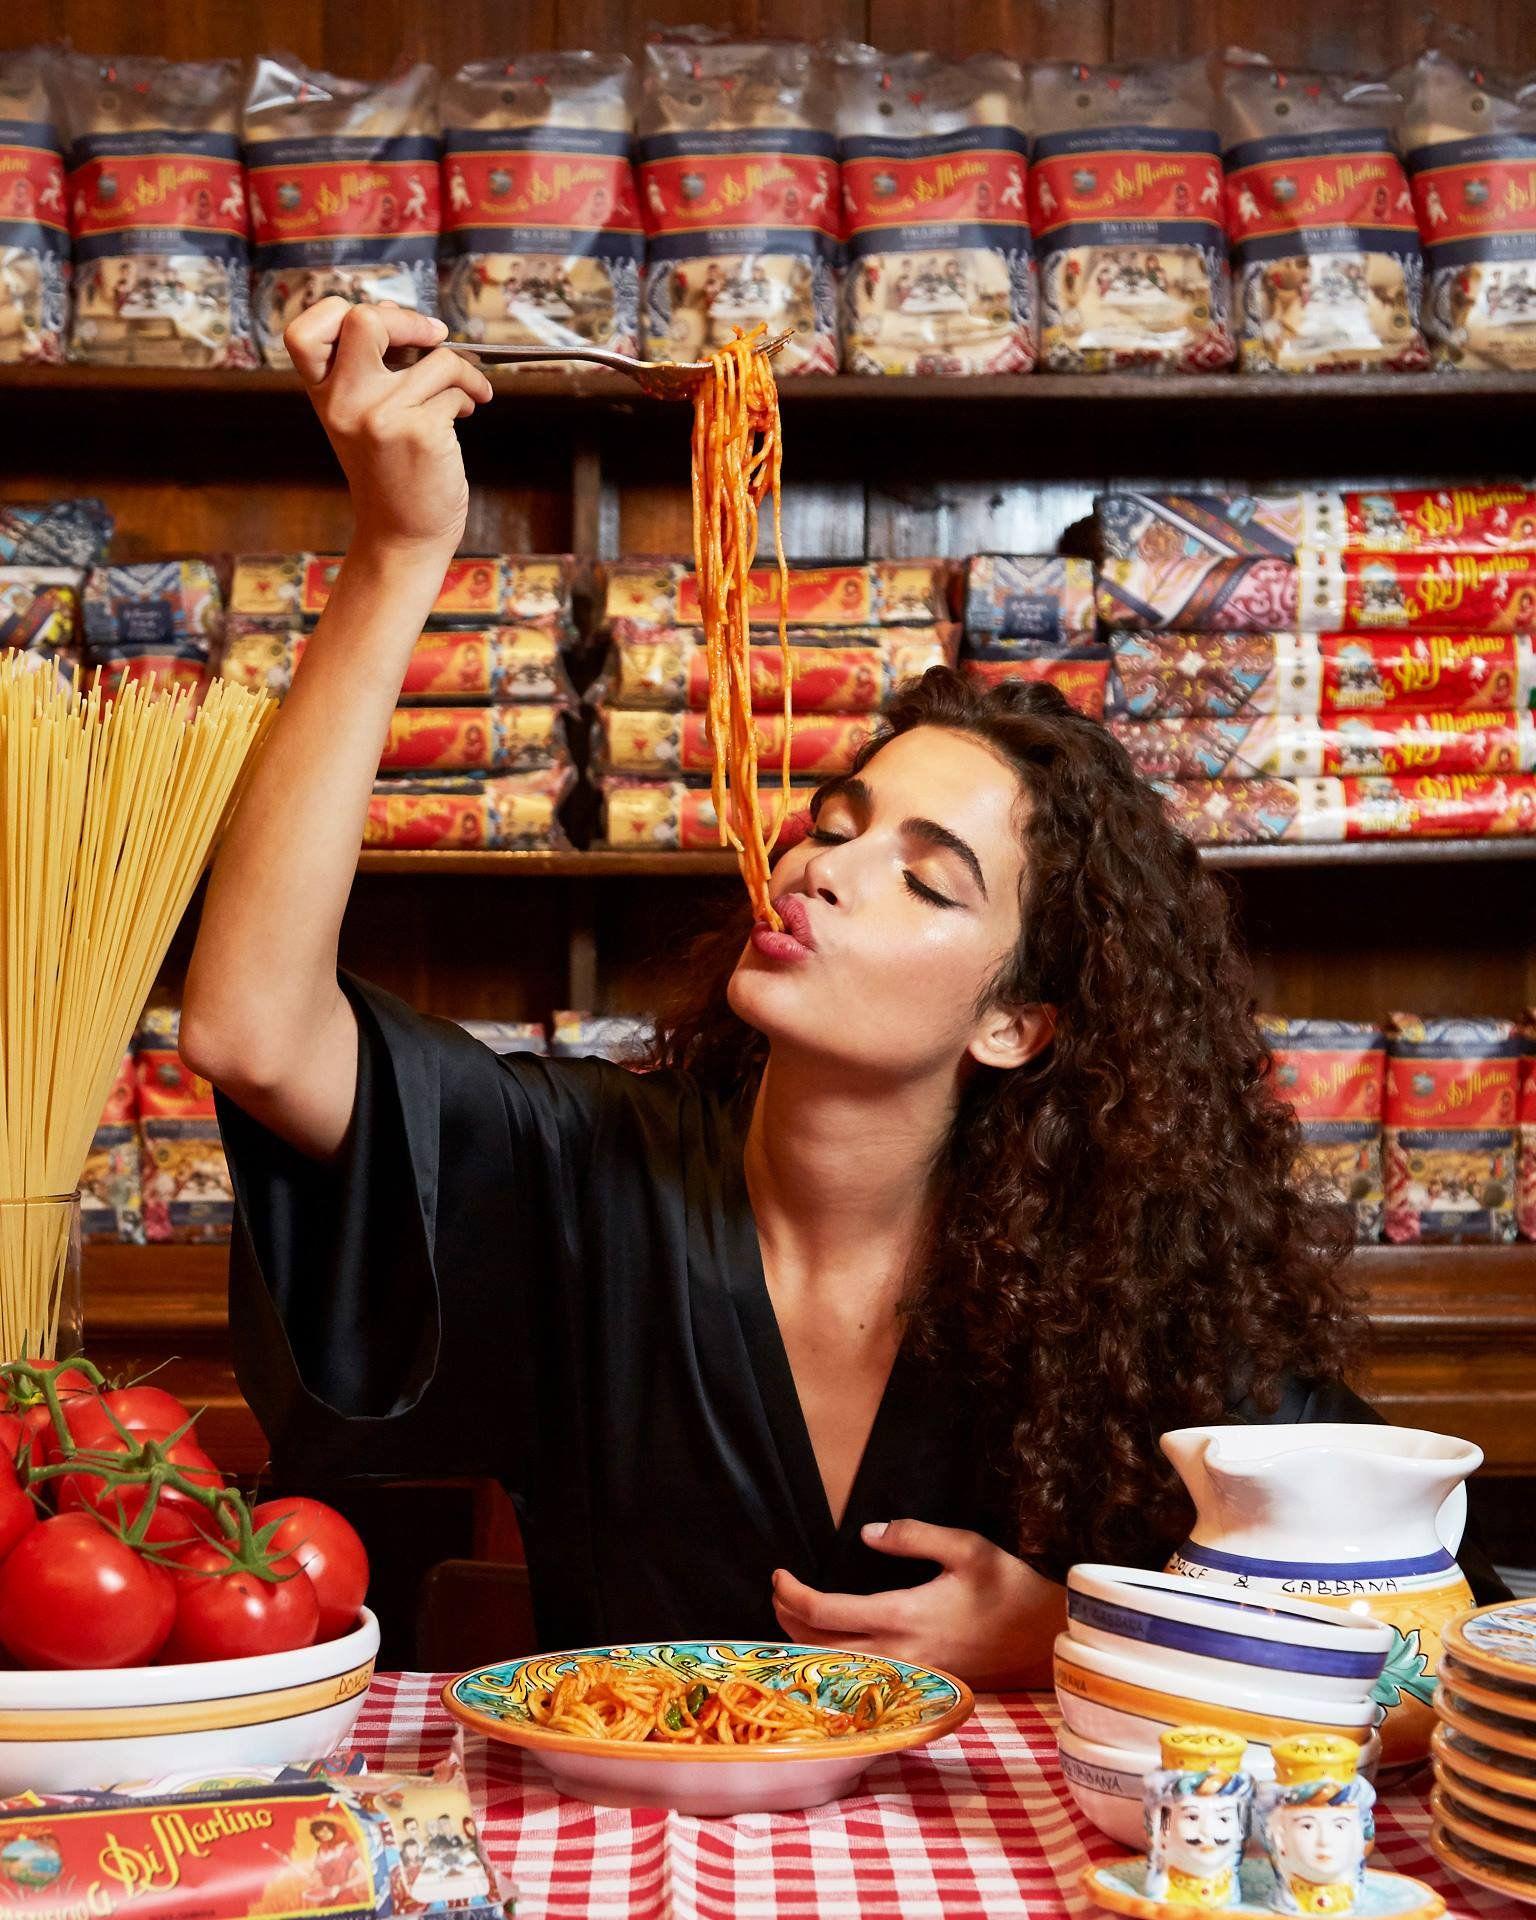 HD Chiara Scelsi für Dolce & Gabbana Pasta Di Martino